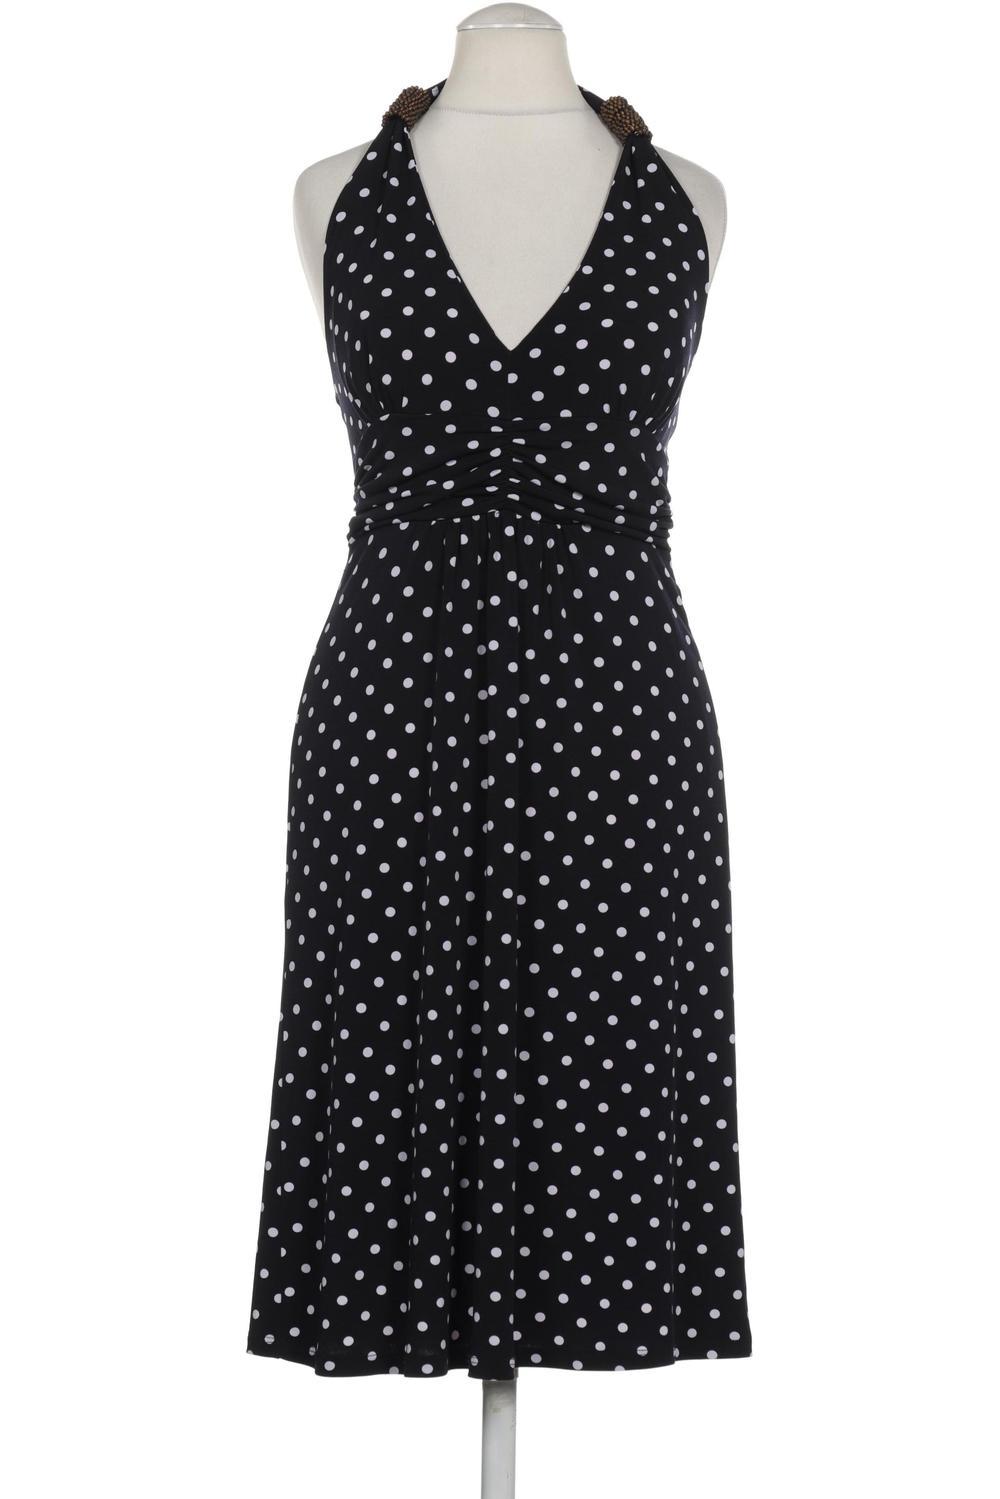 Montego Damen Kleid DE 34 Second Hand kaufen | ubup